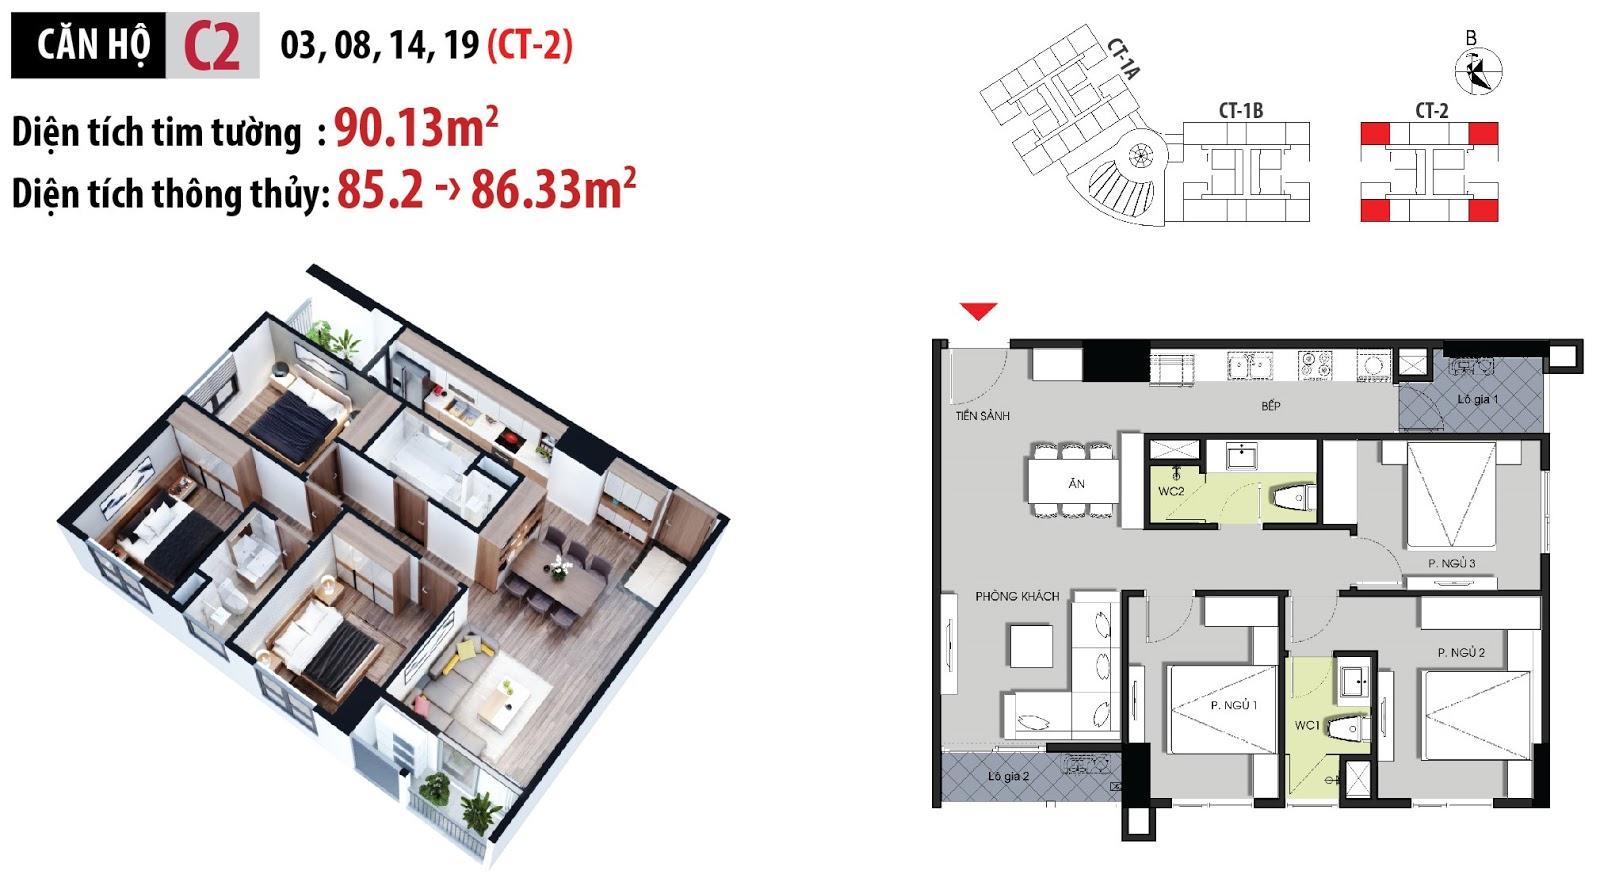 Thiết kế chi tiết căn hộ số 03 - 08 - 14 - 19 dự án chung cư Hateco Apollo Xuân Phương